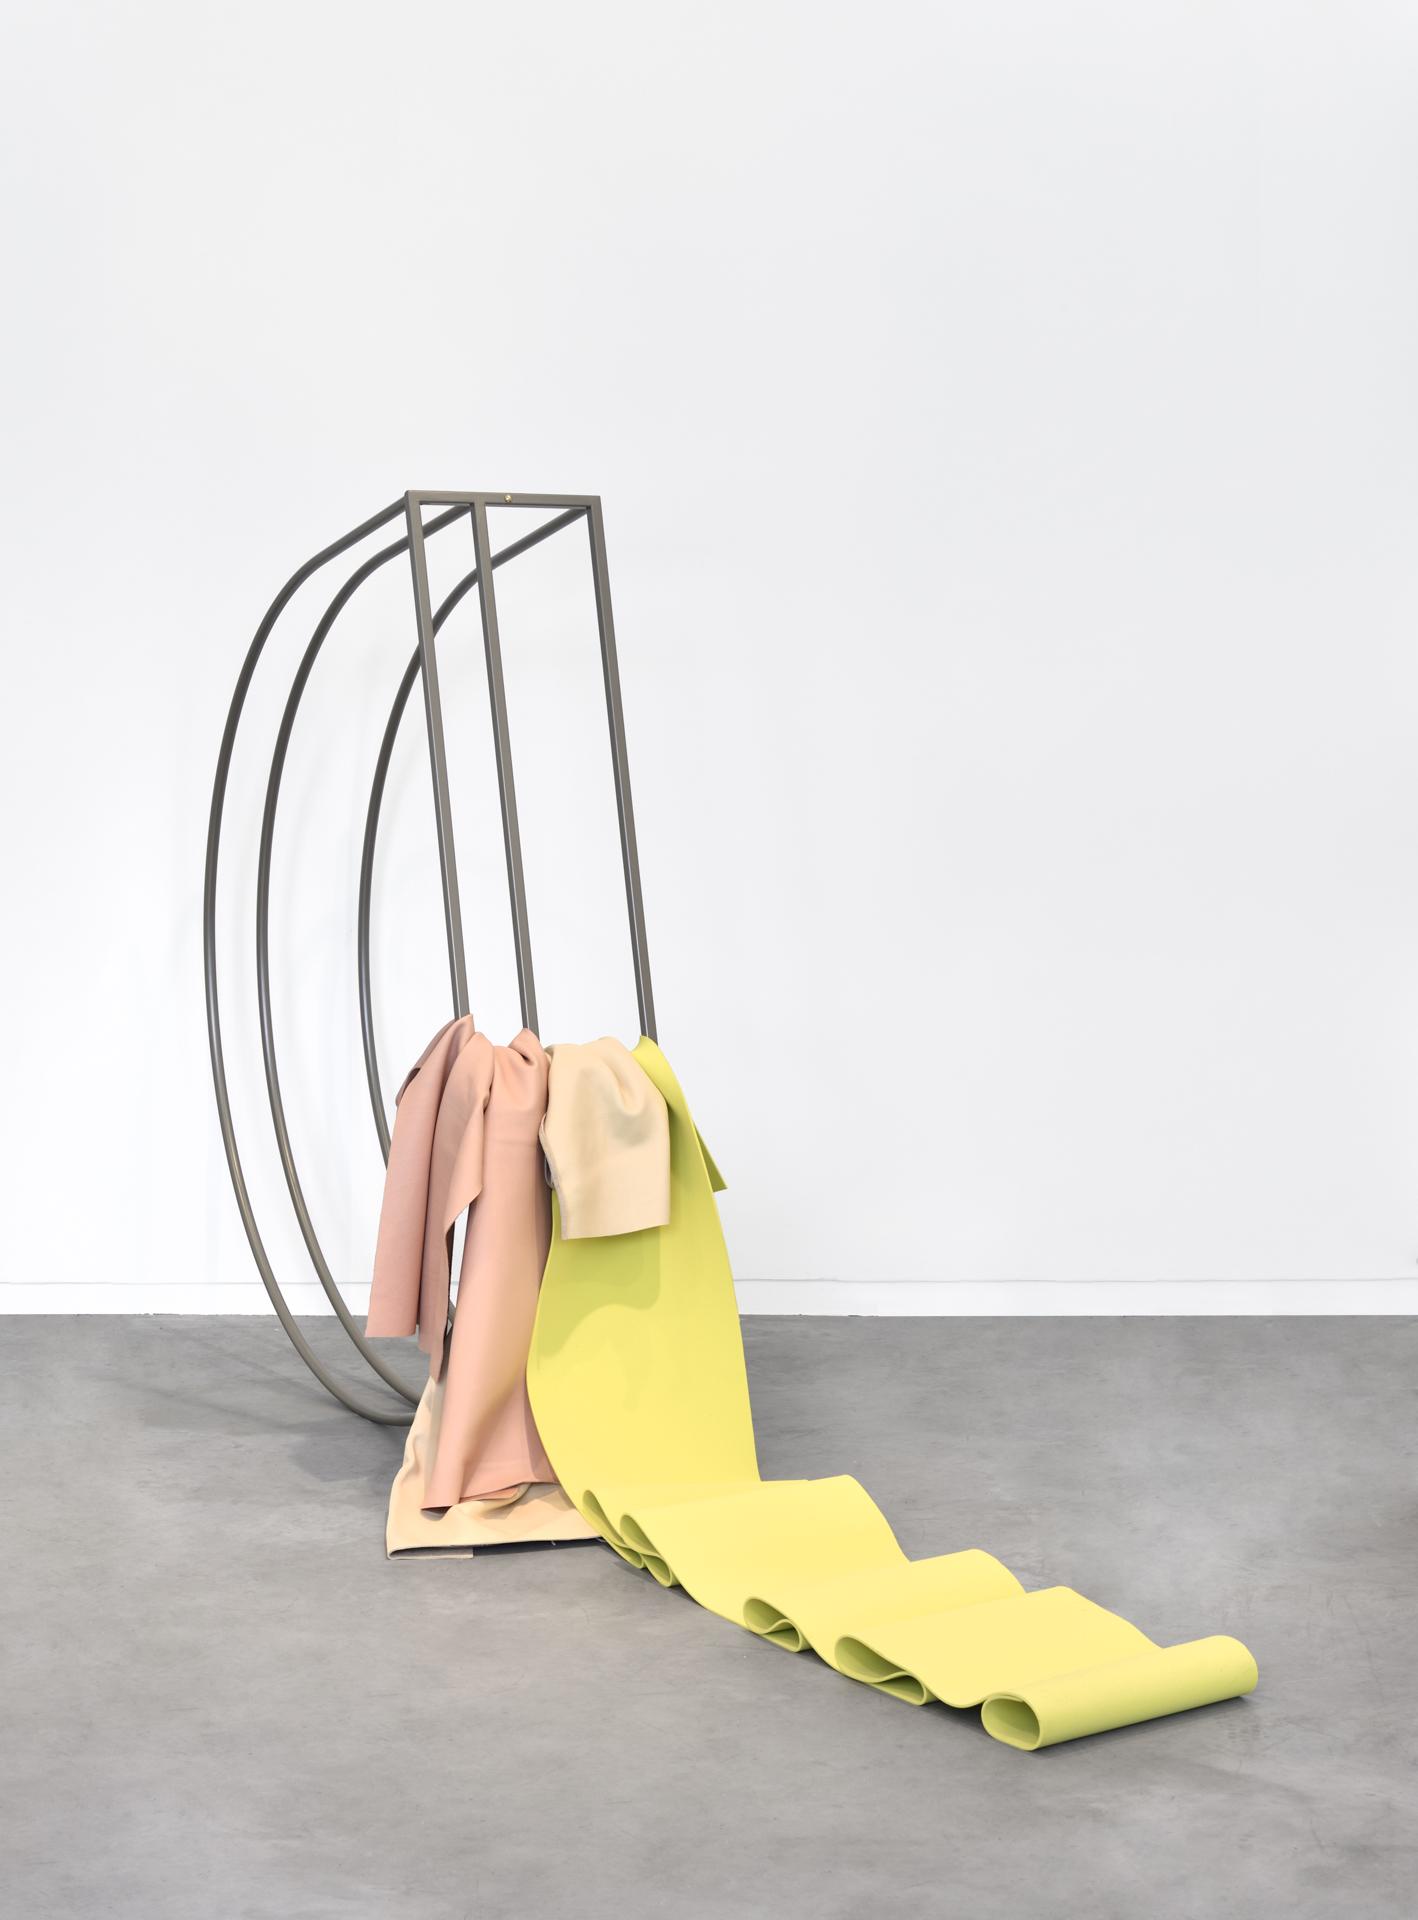 Acier thermolaqué, cuir, néoprène. Crédit photo : Rebecca Fanuele. Courtesy de la Galerie Eric Mouchet.